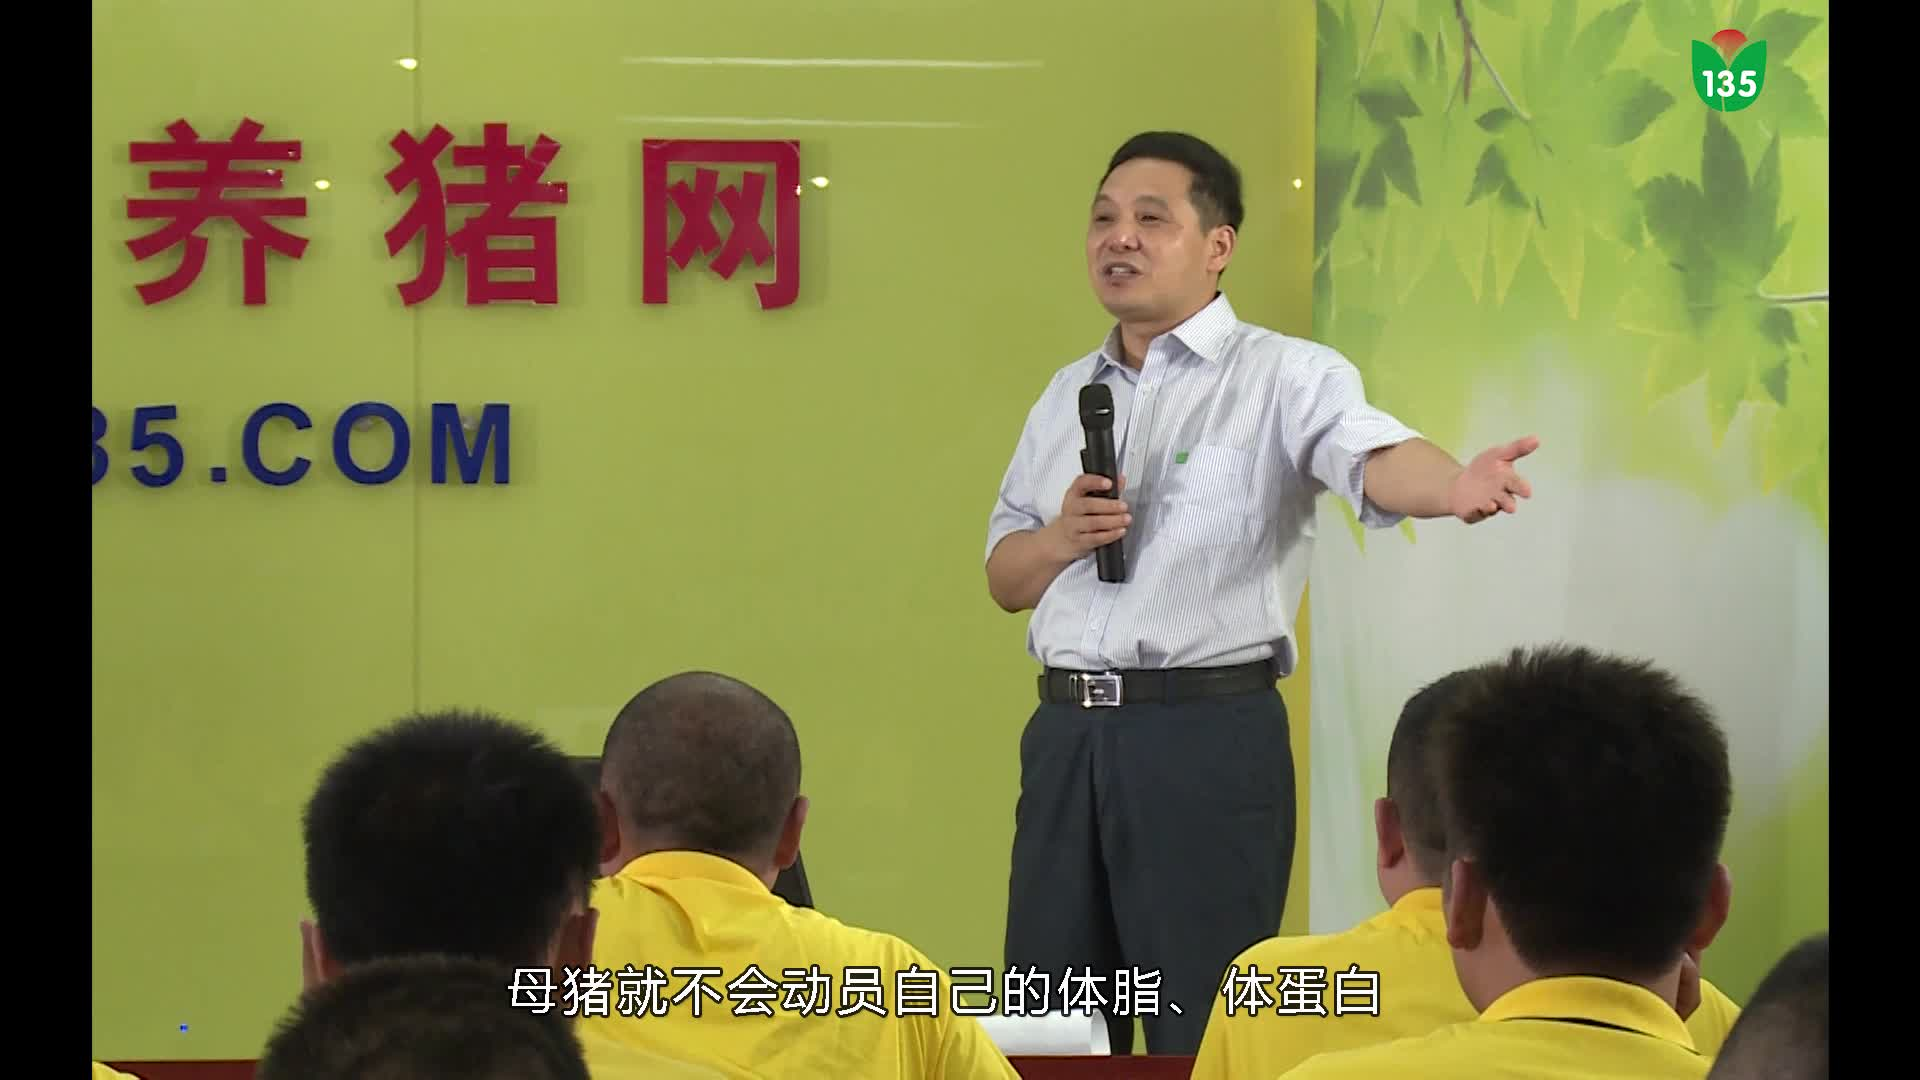 视频:135保健养猪技术专题讲座(文利新教授)